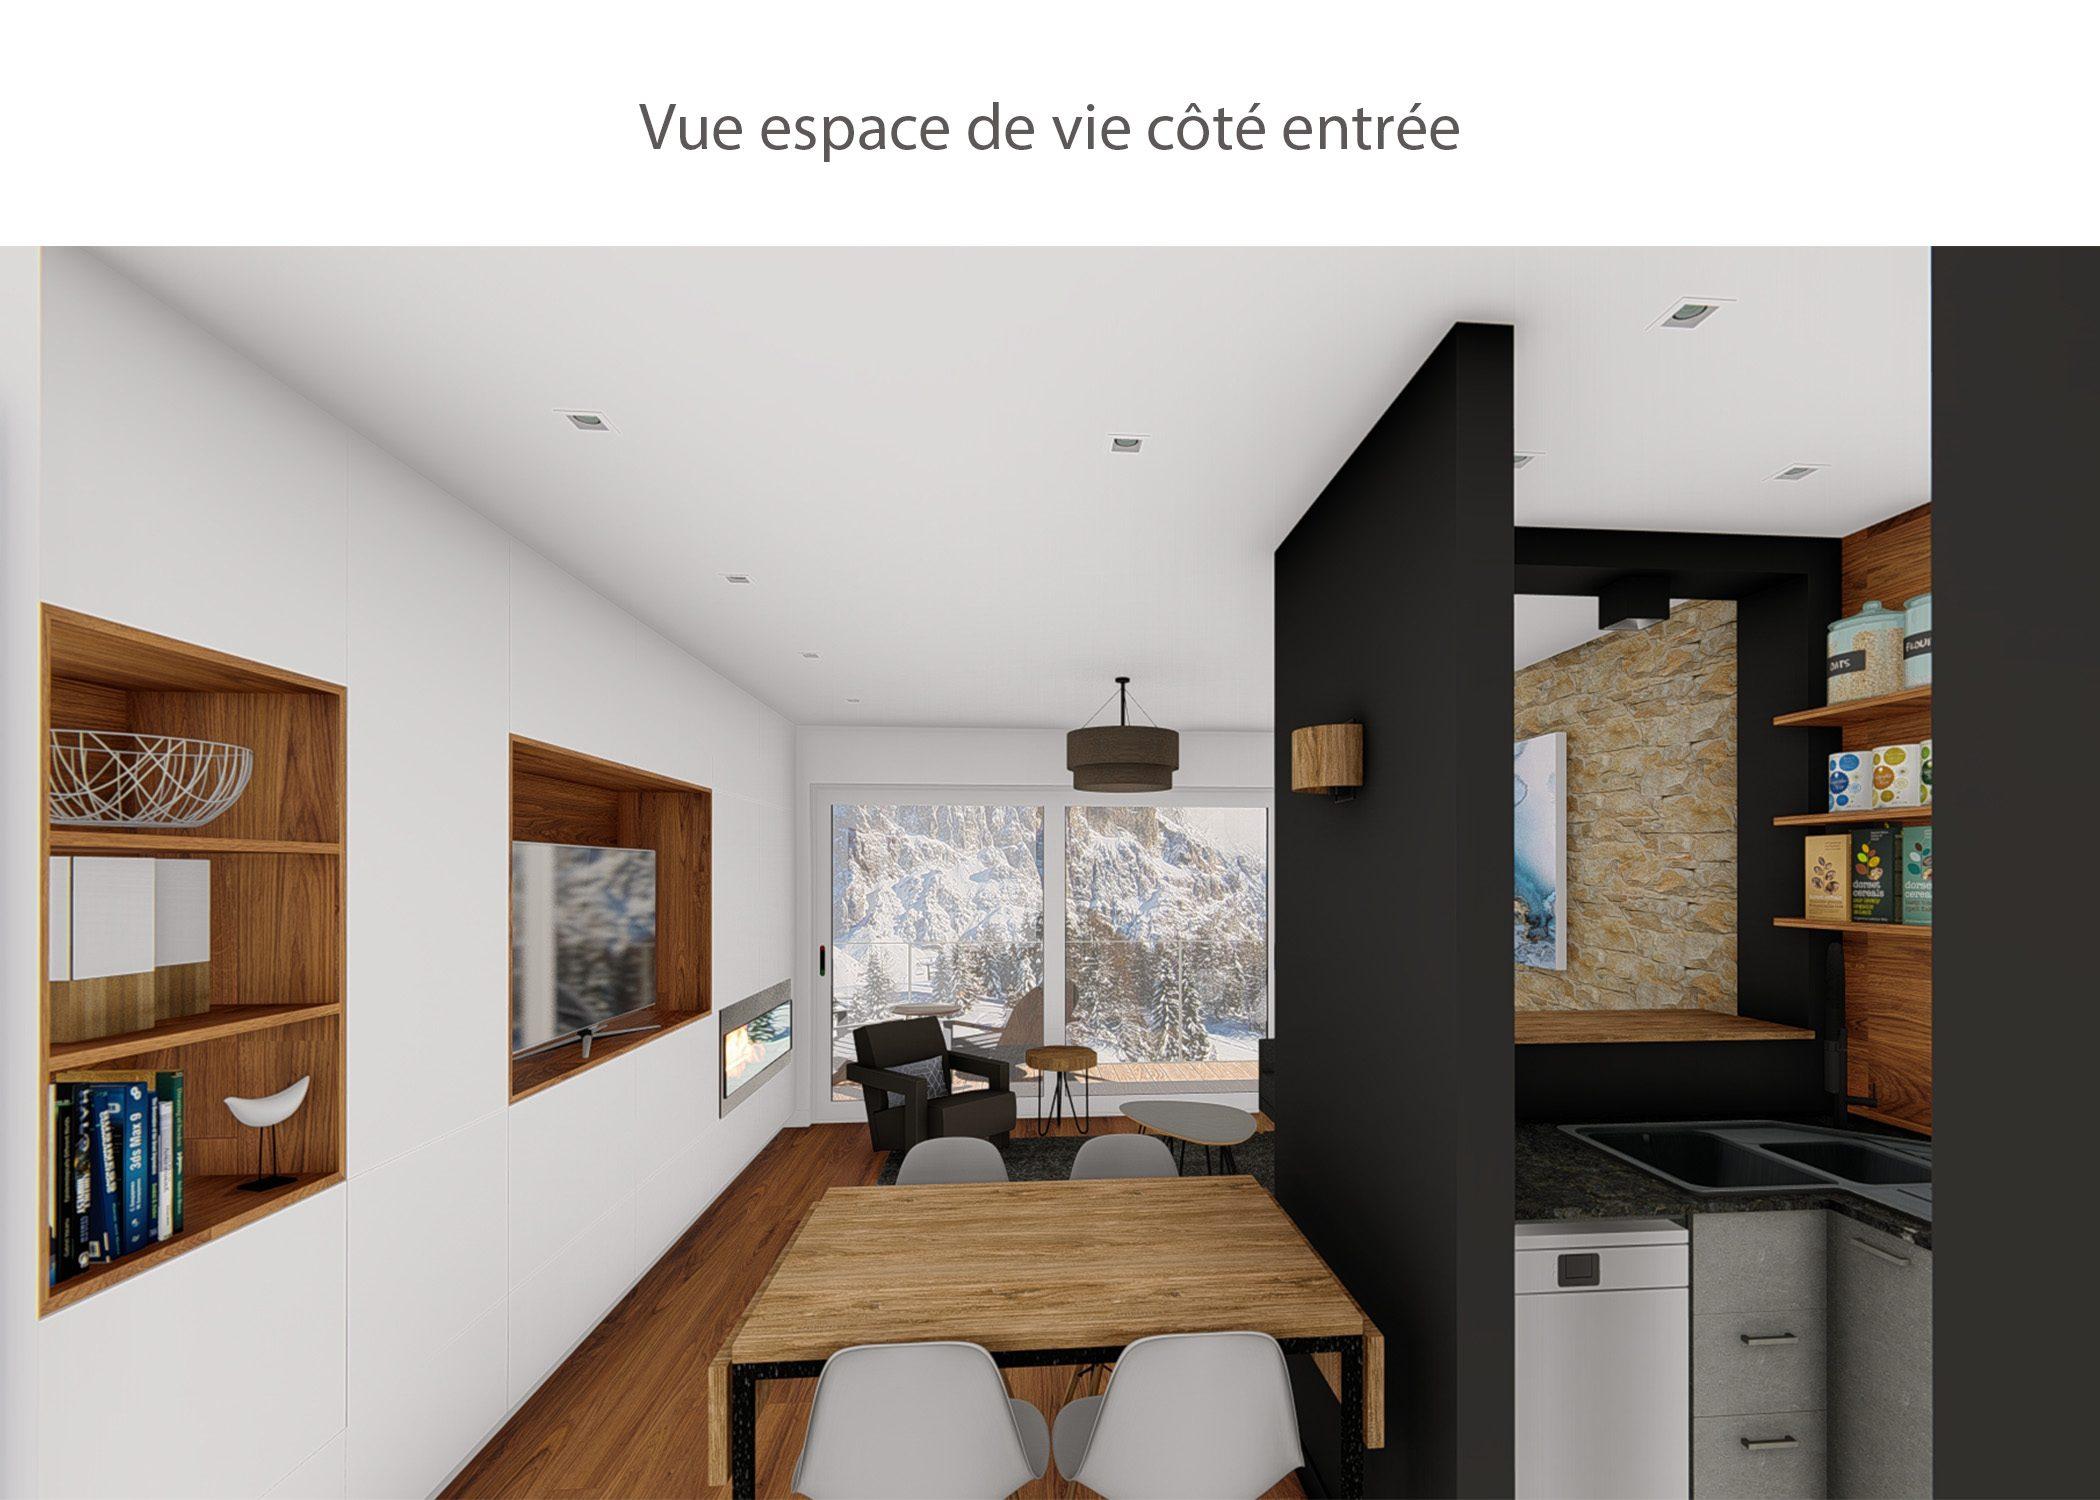 amenagement-decoration-appartement-montagne-italie-espace de vie cote entree-dekho design